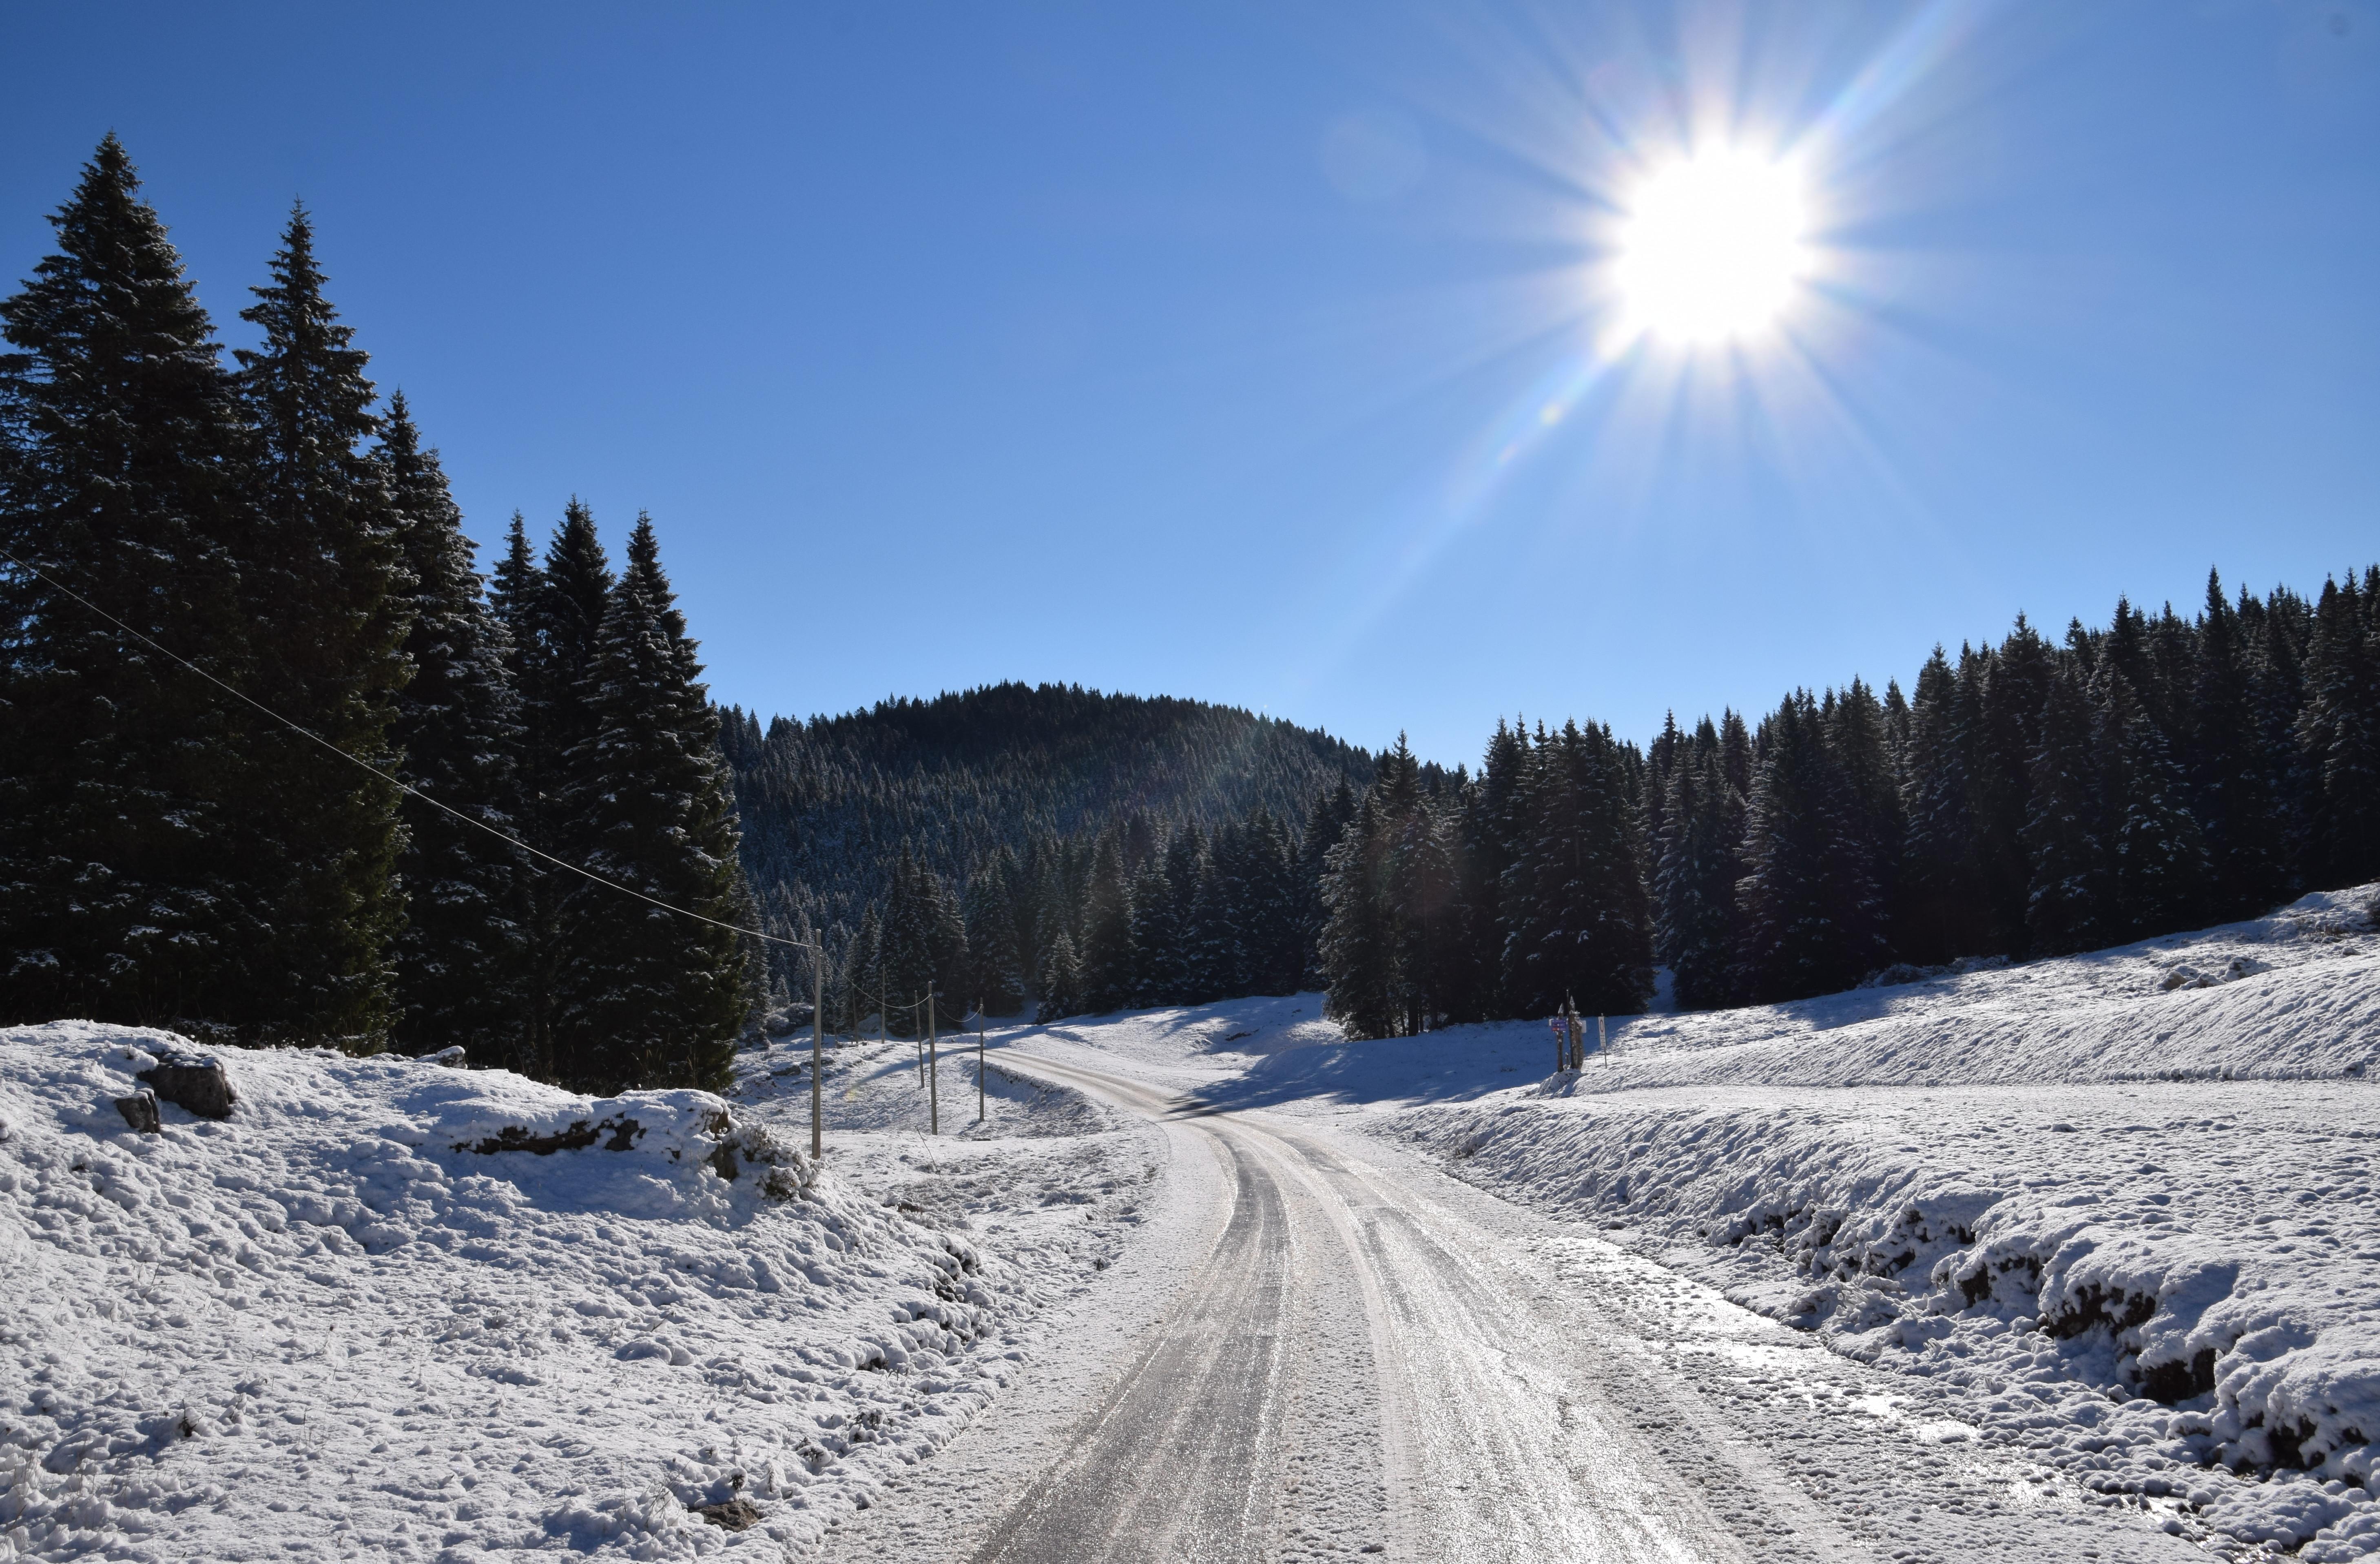 Foto Gallery: La prima Neve della stagione sull'Altopiano di Asiago